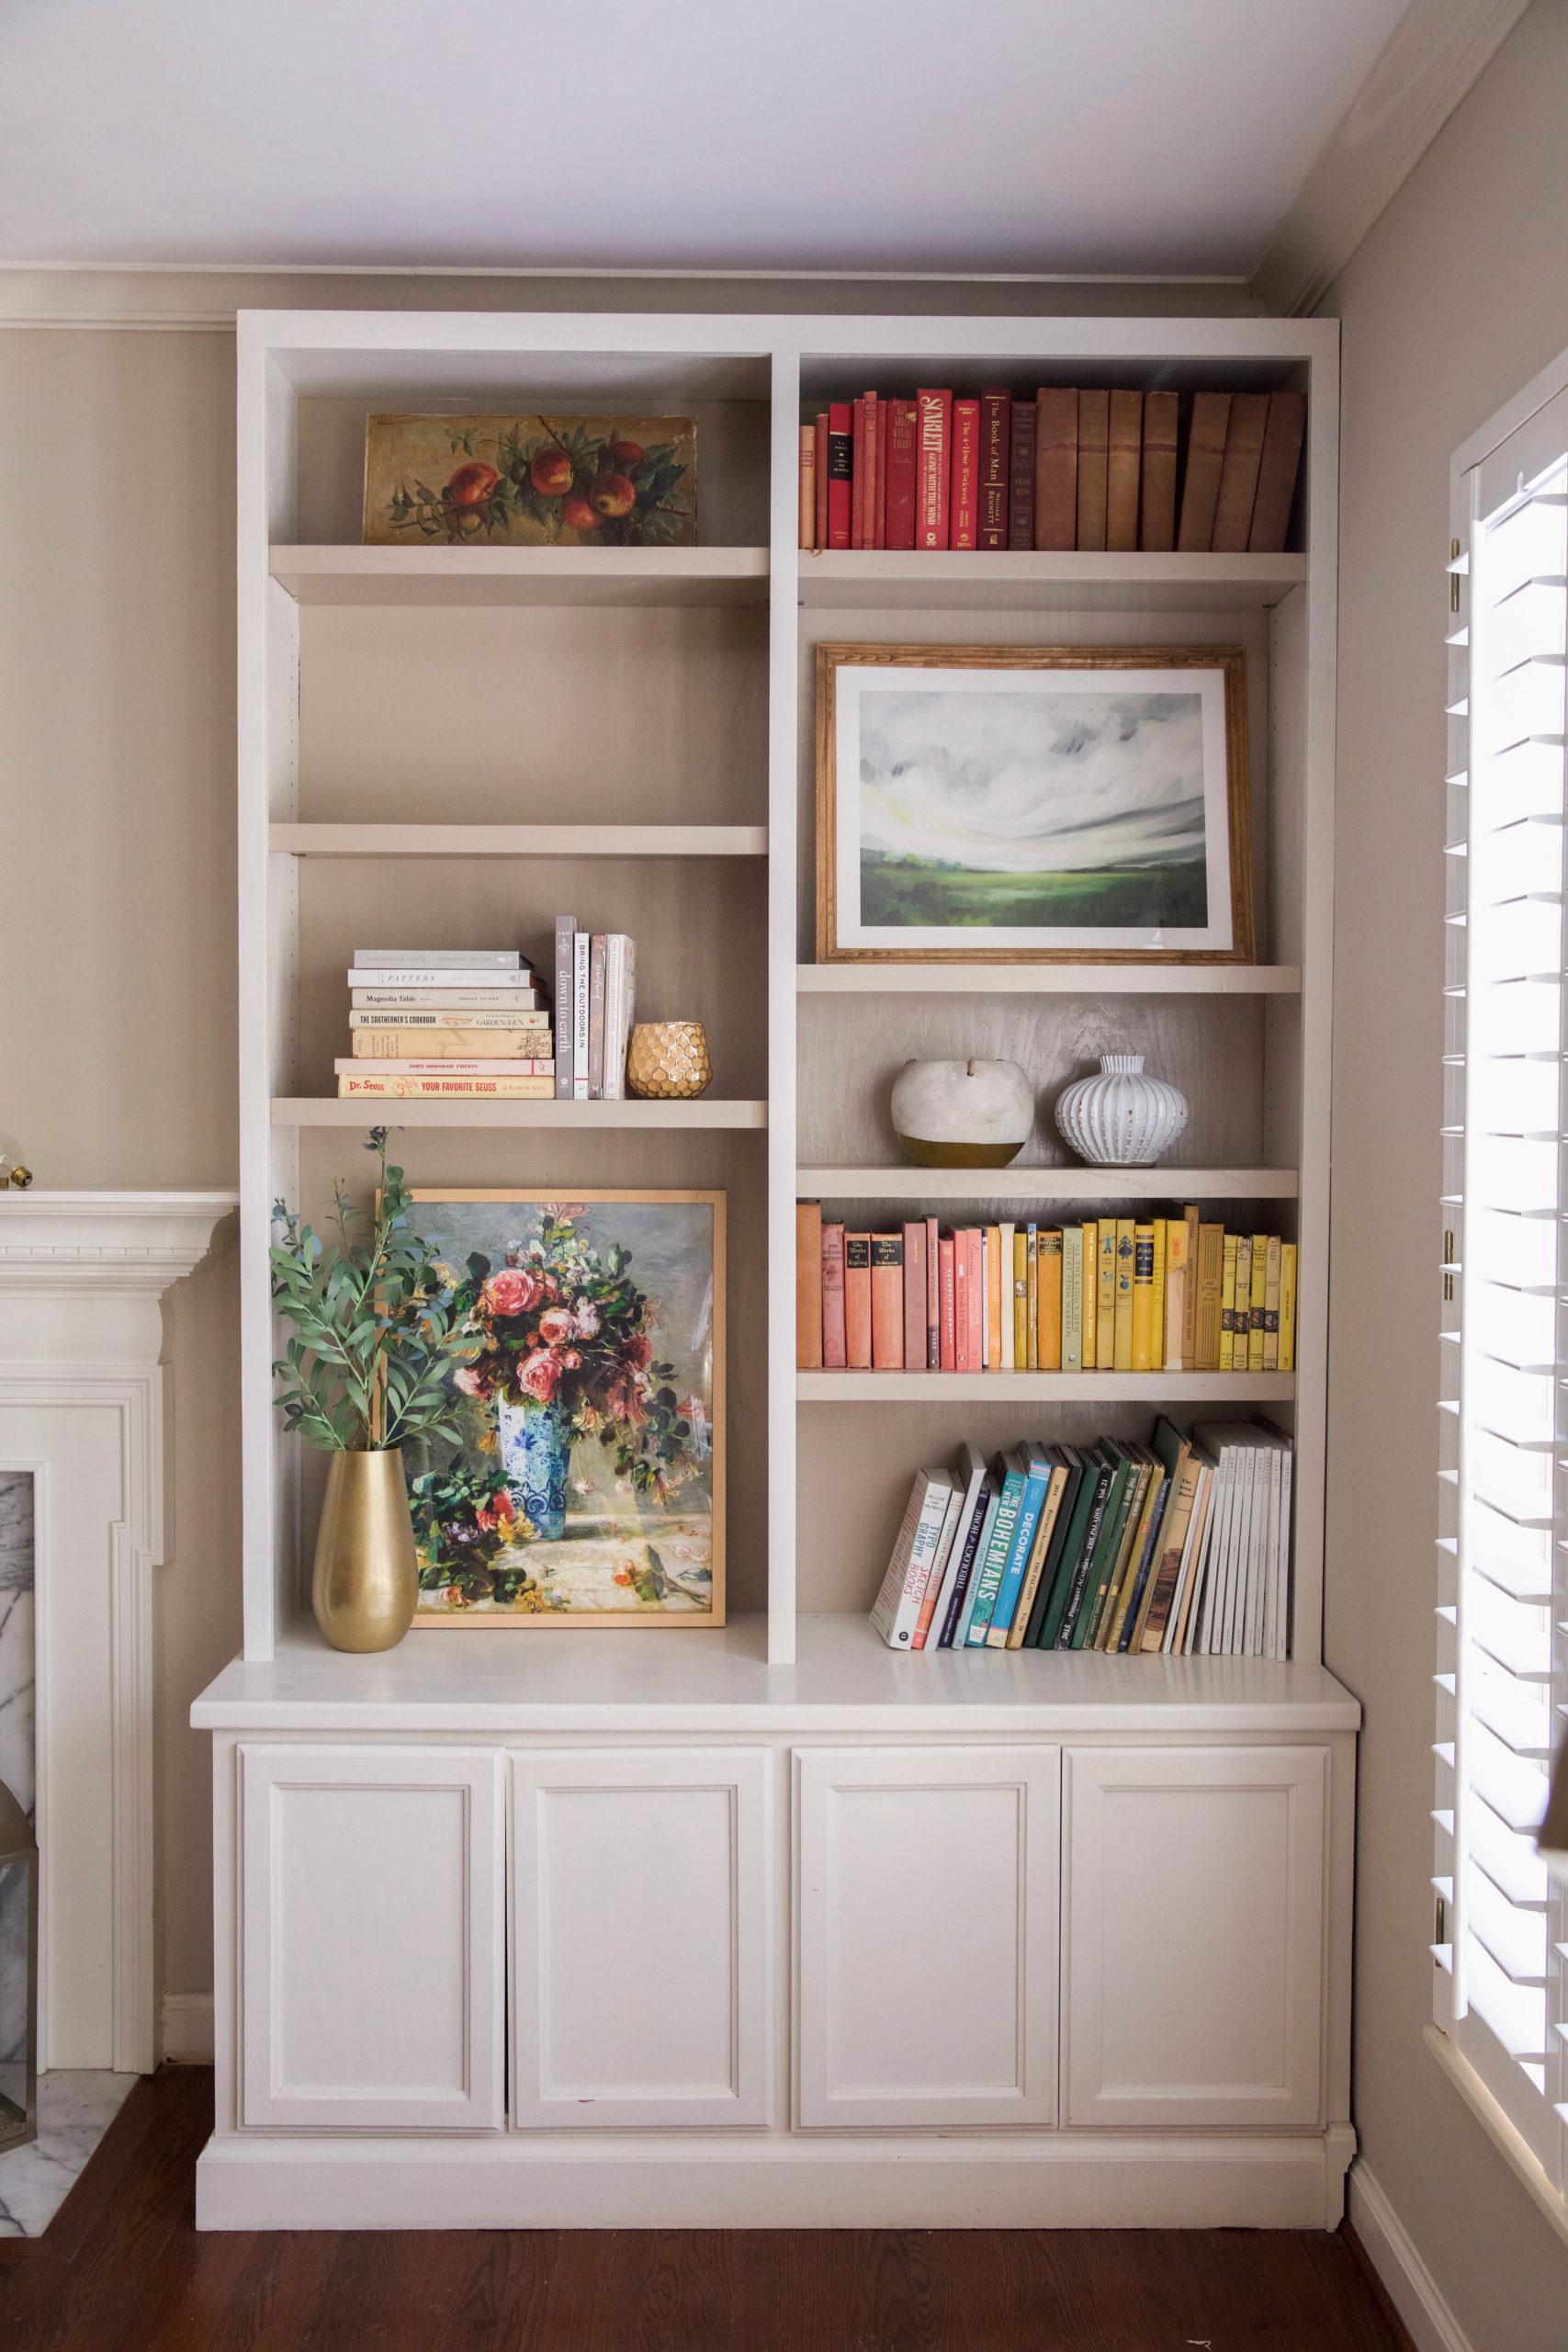 styling bookshelves - vintage books